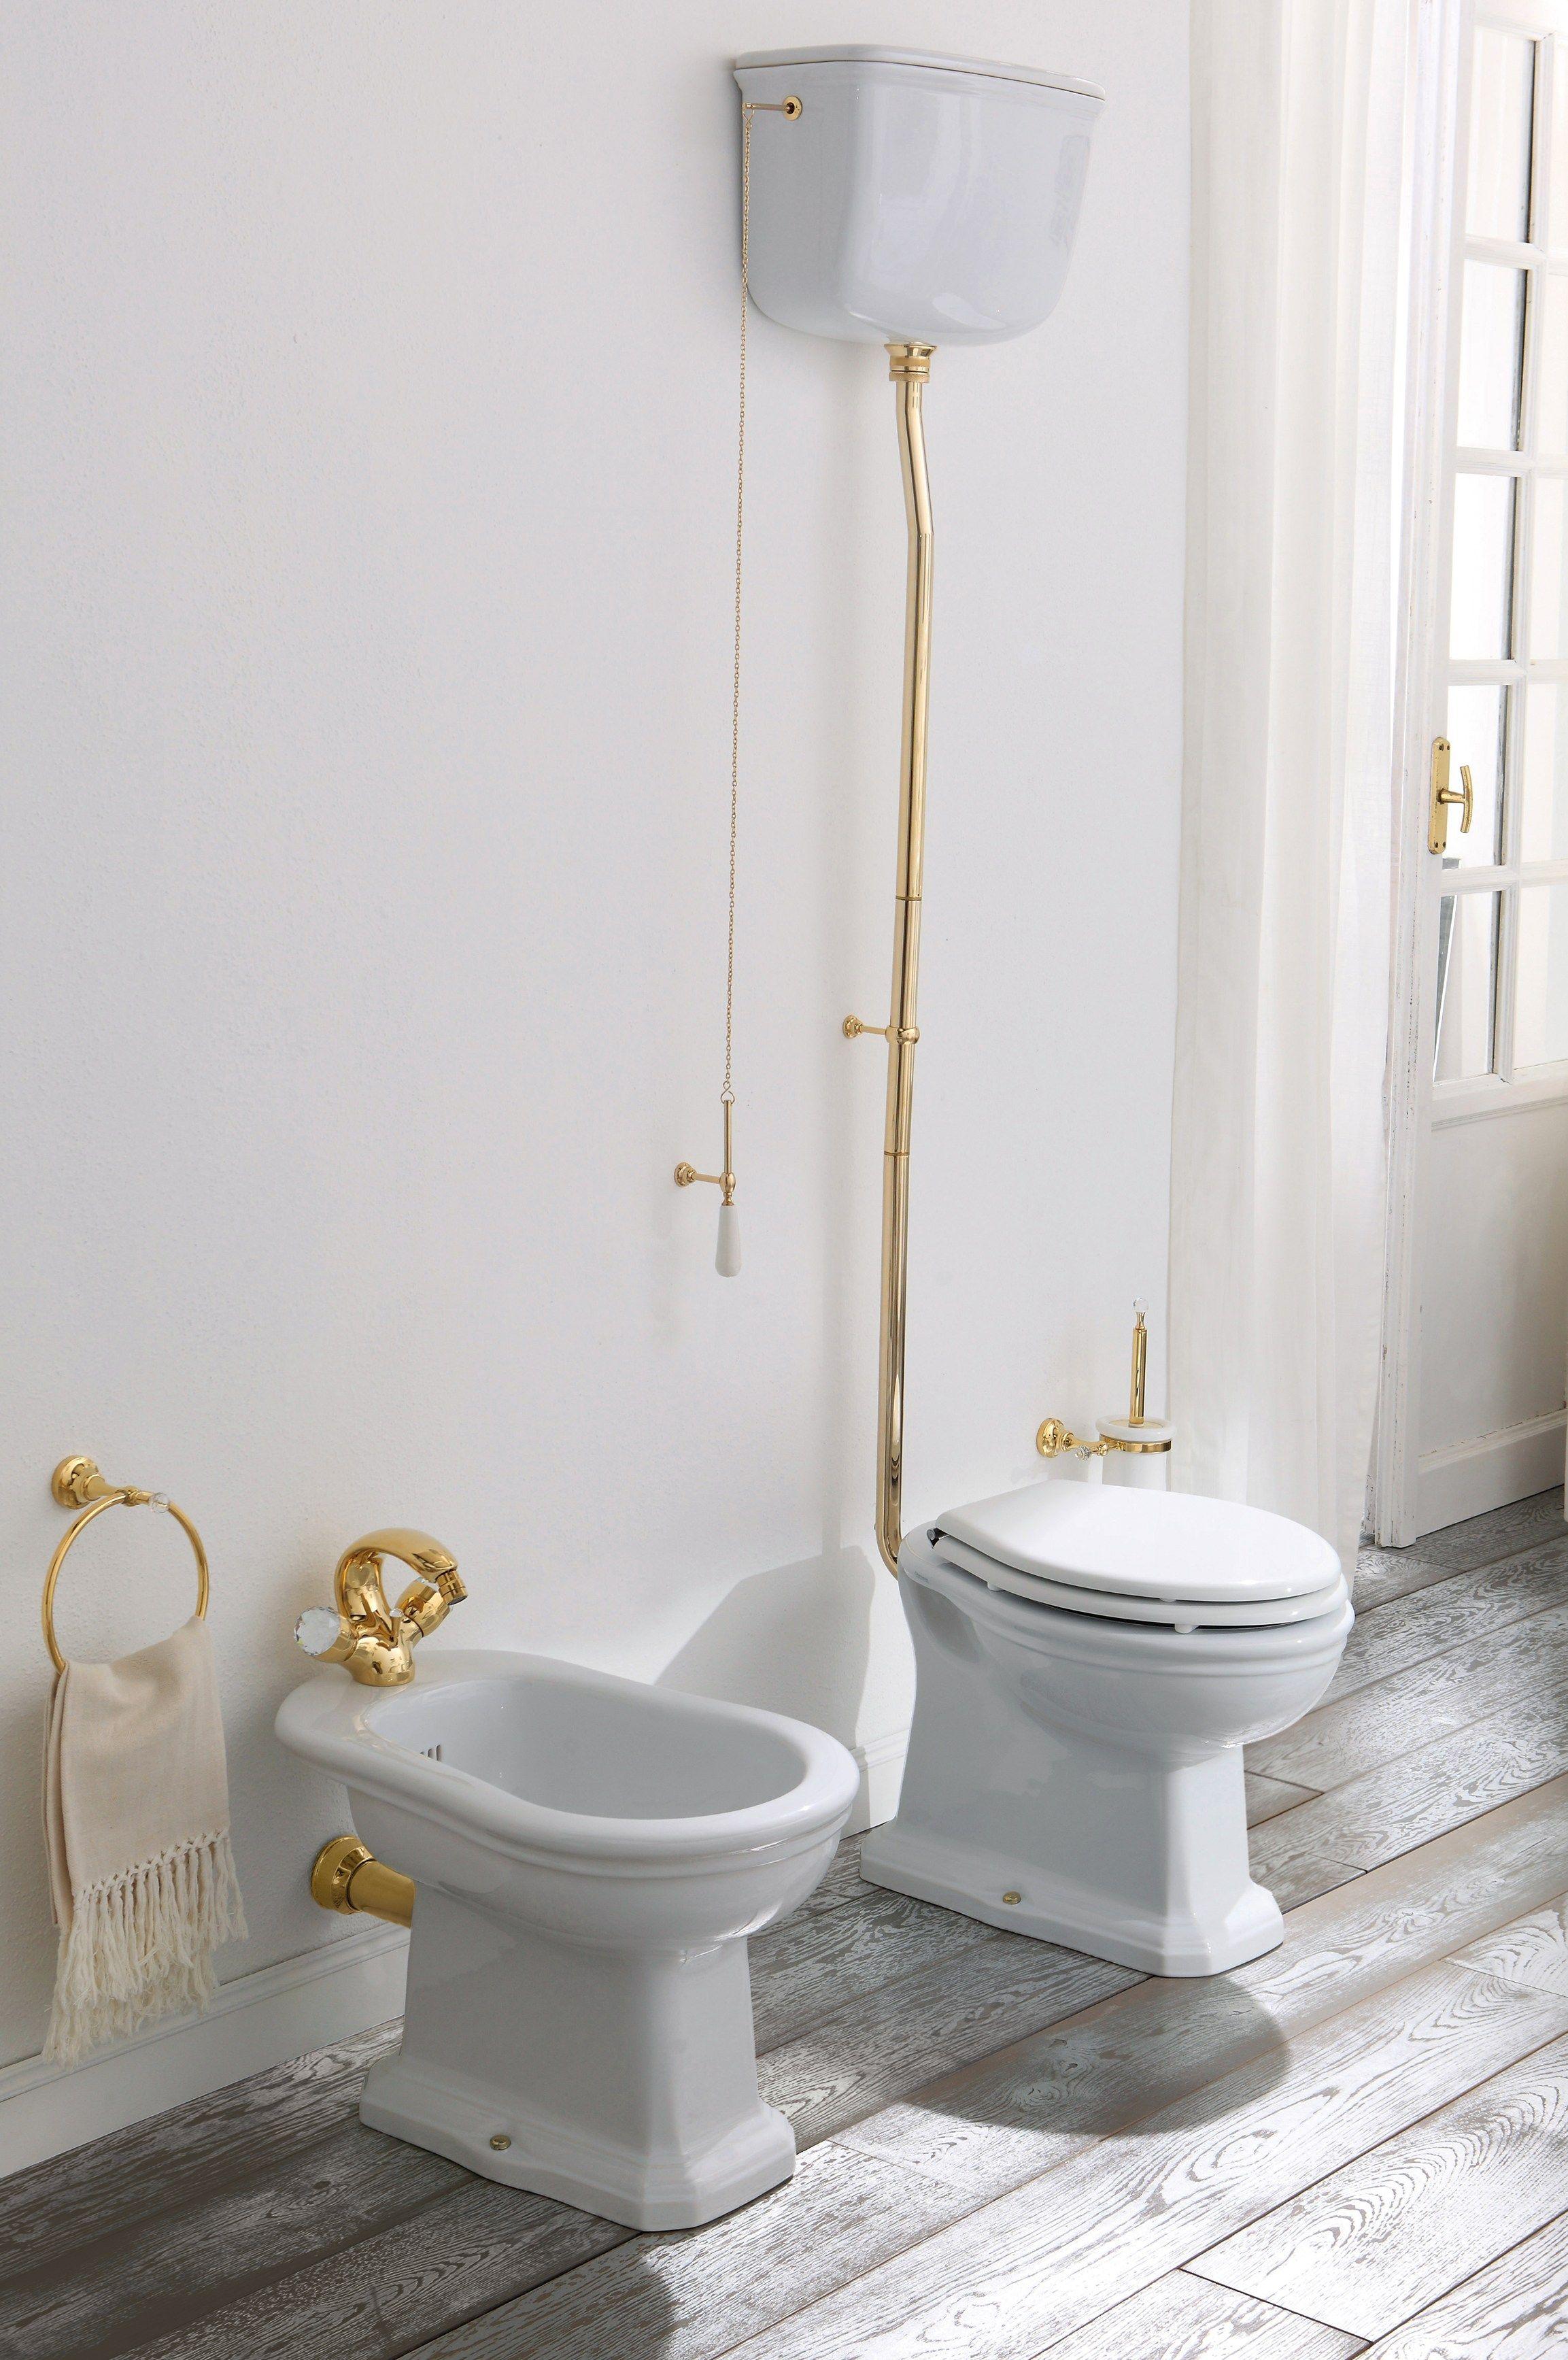 Muebles De Baño Neoclasico:Bañera independiente de estilo neoclásico IMPERO STYLE